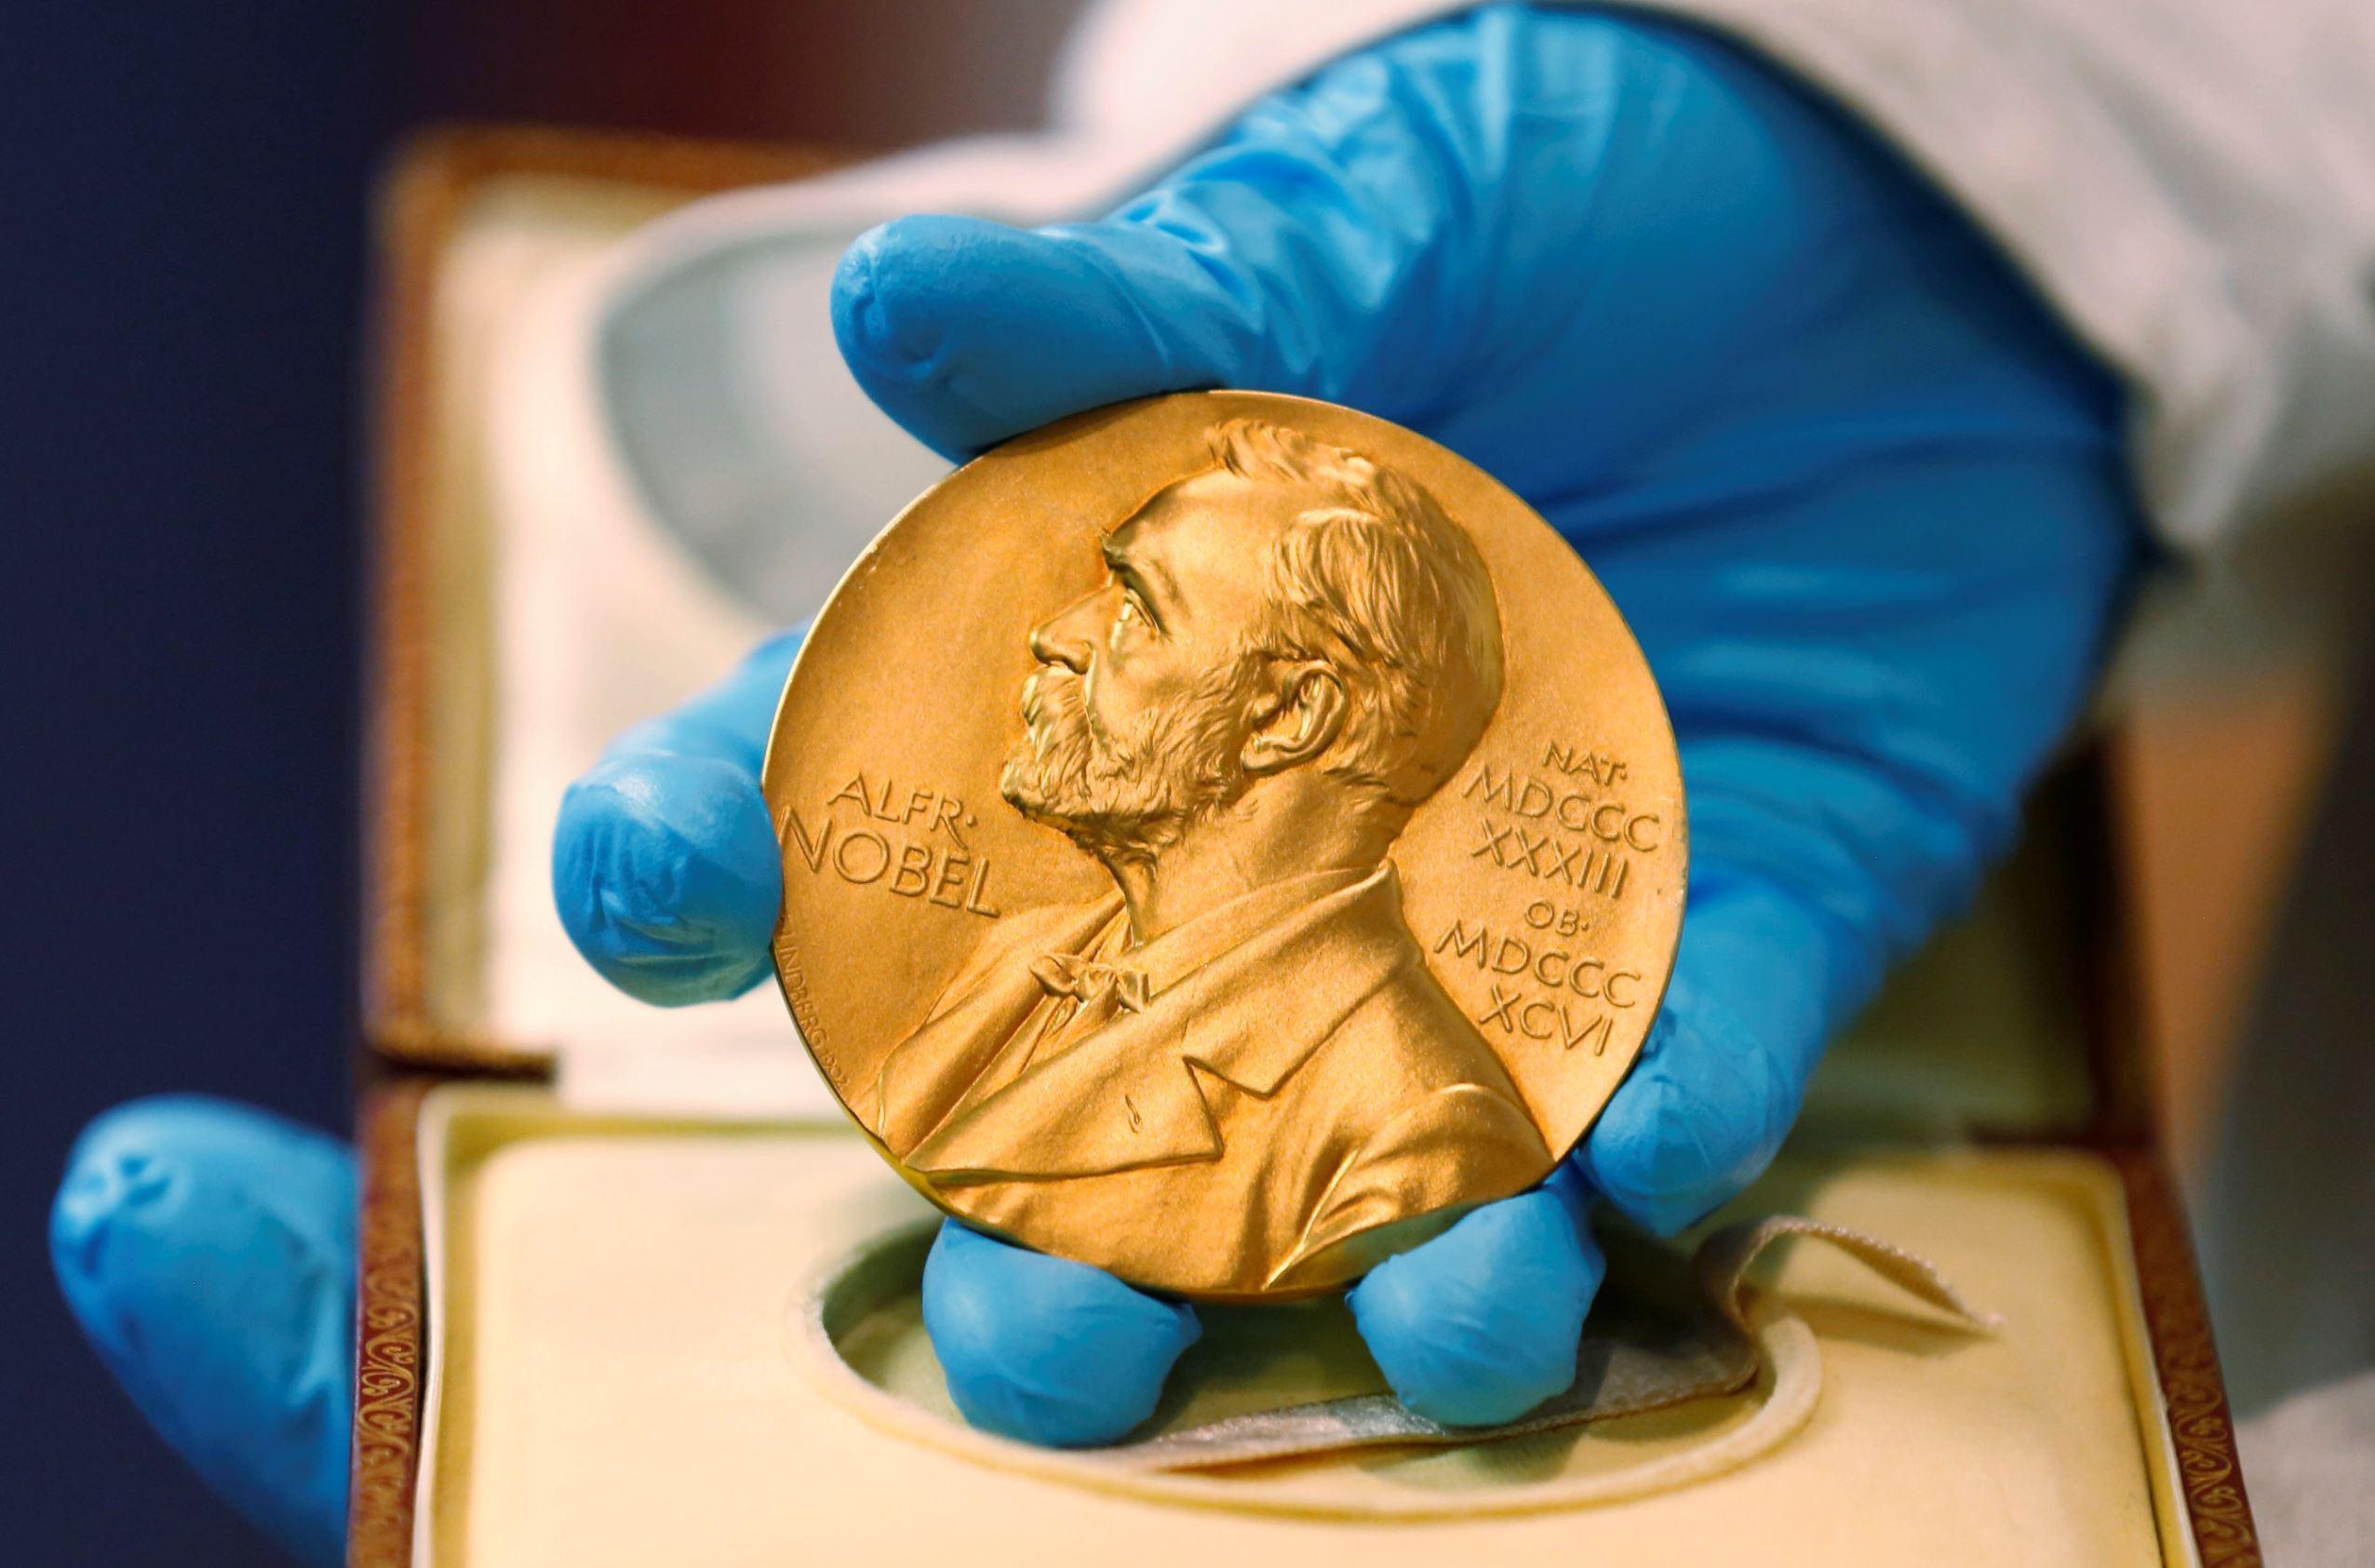 Нобелевская премия по физиологии за открытие GPS у нас в голове